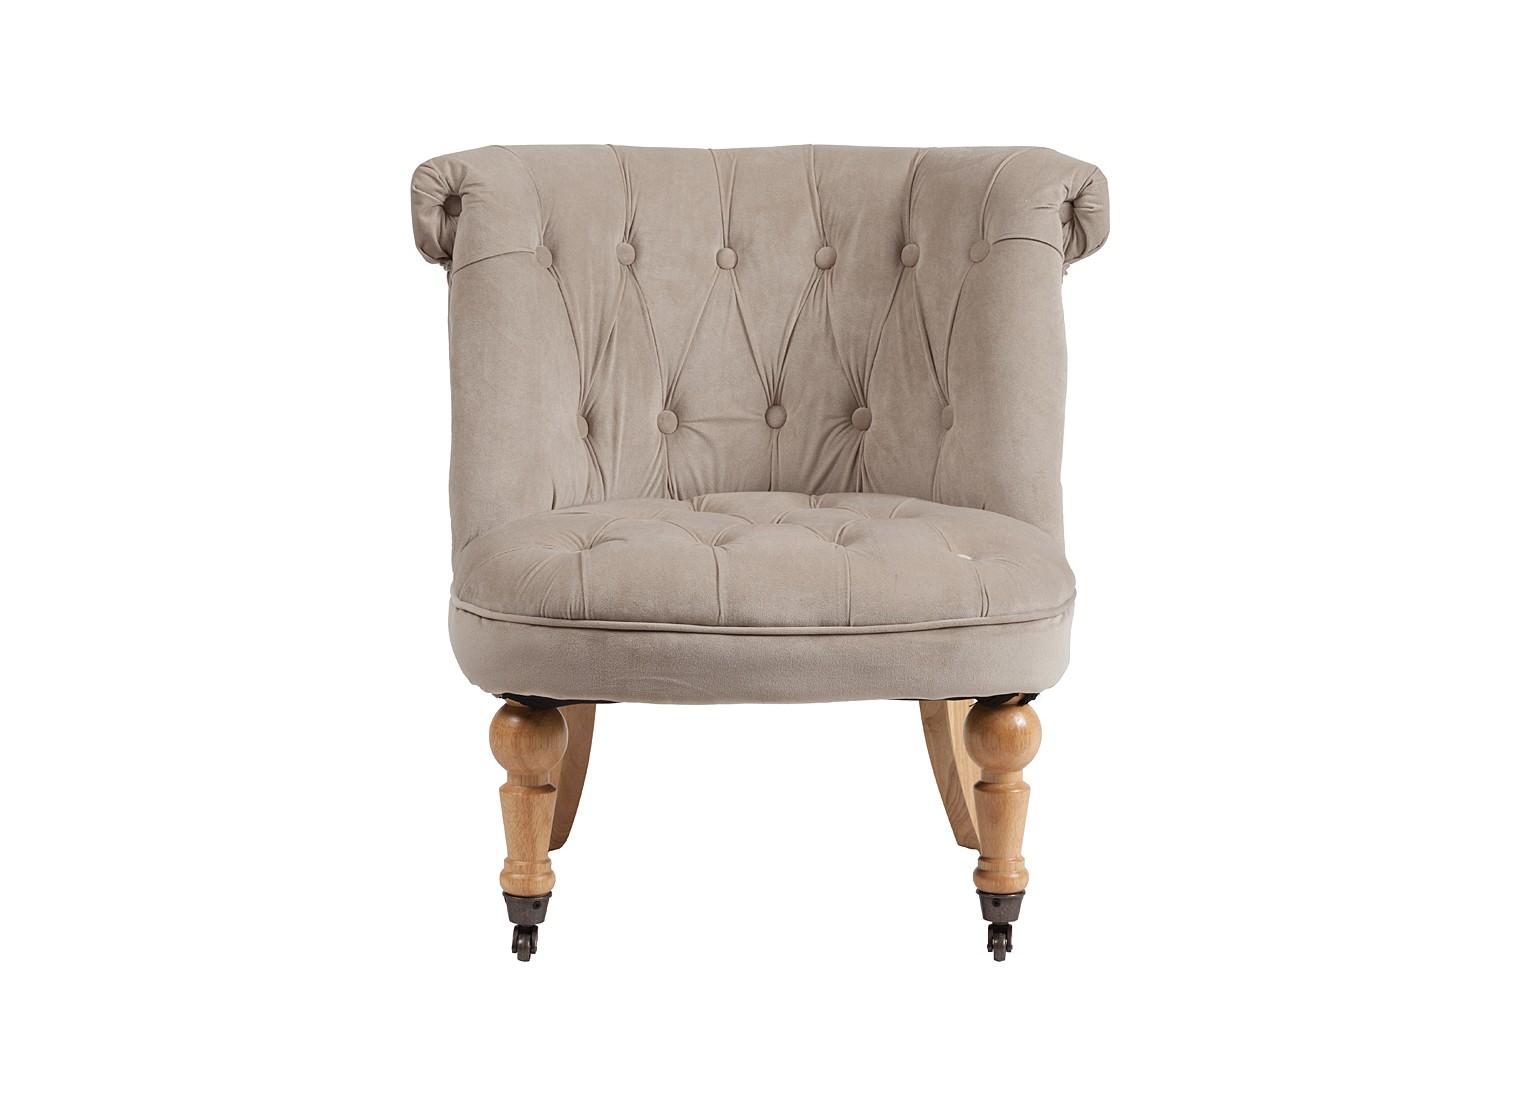 Кресло Amelie French CountryИнтерьерные кресла<br><br><br>Material: Лен<br>Width см: 63<br>Depth см: 64<br>Height см: 71